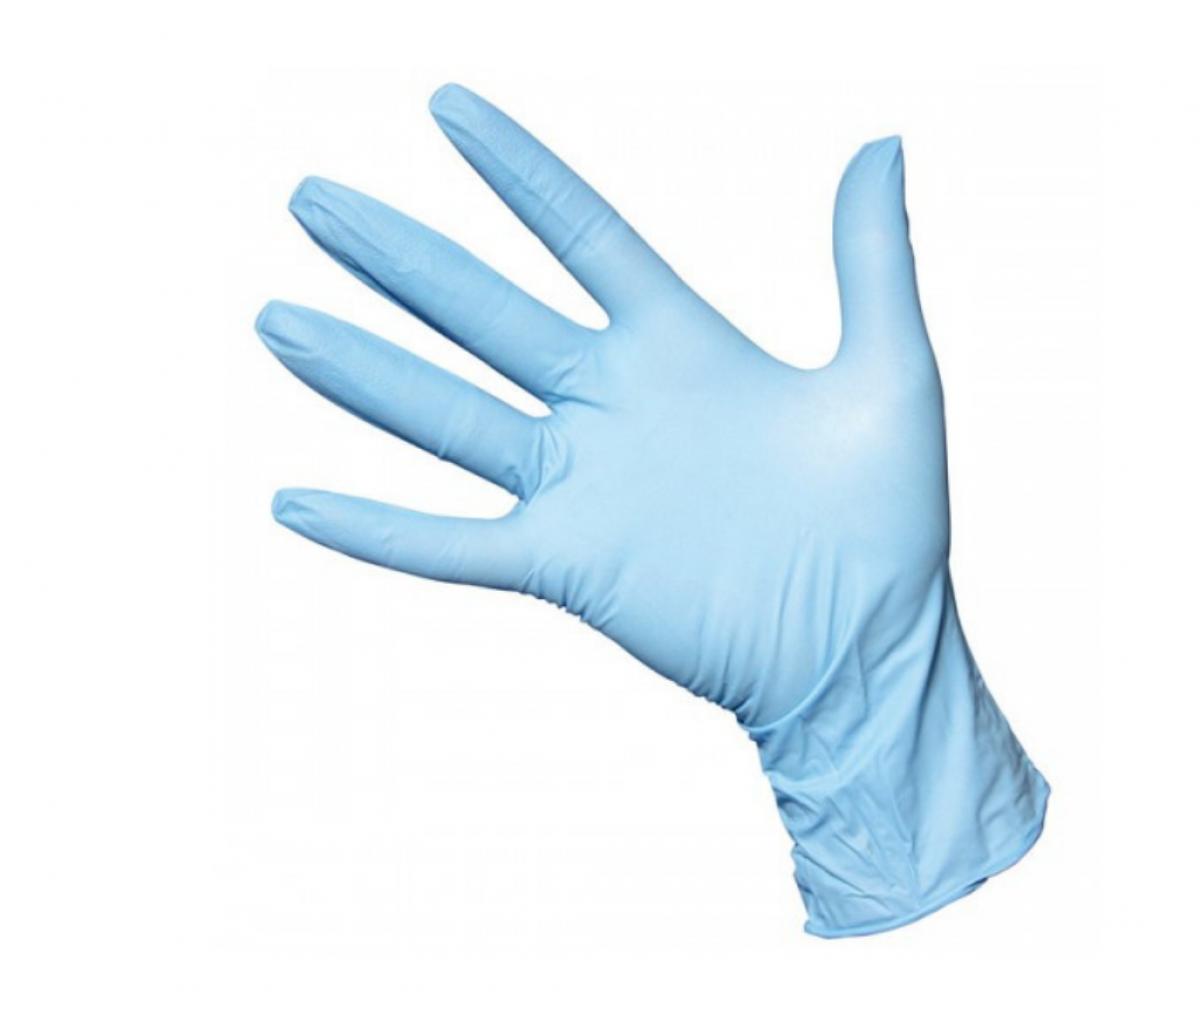 Gloves Examination (S) 100's